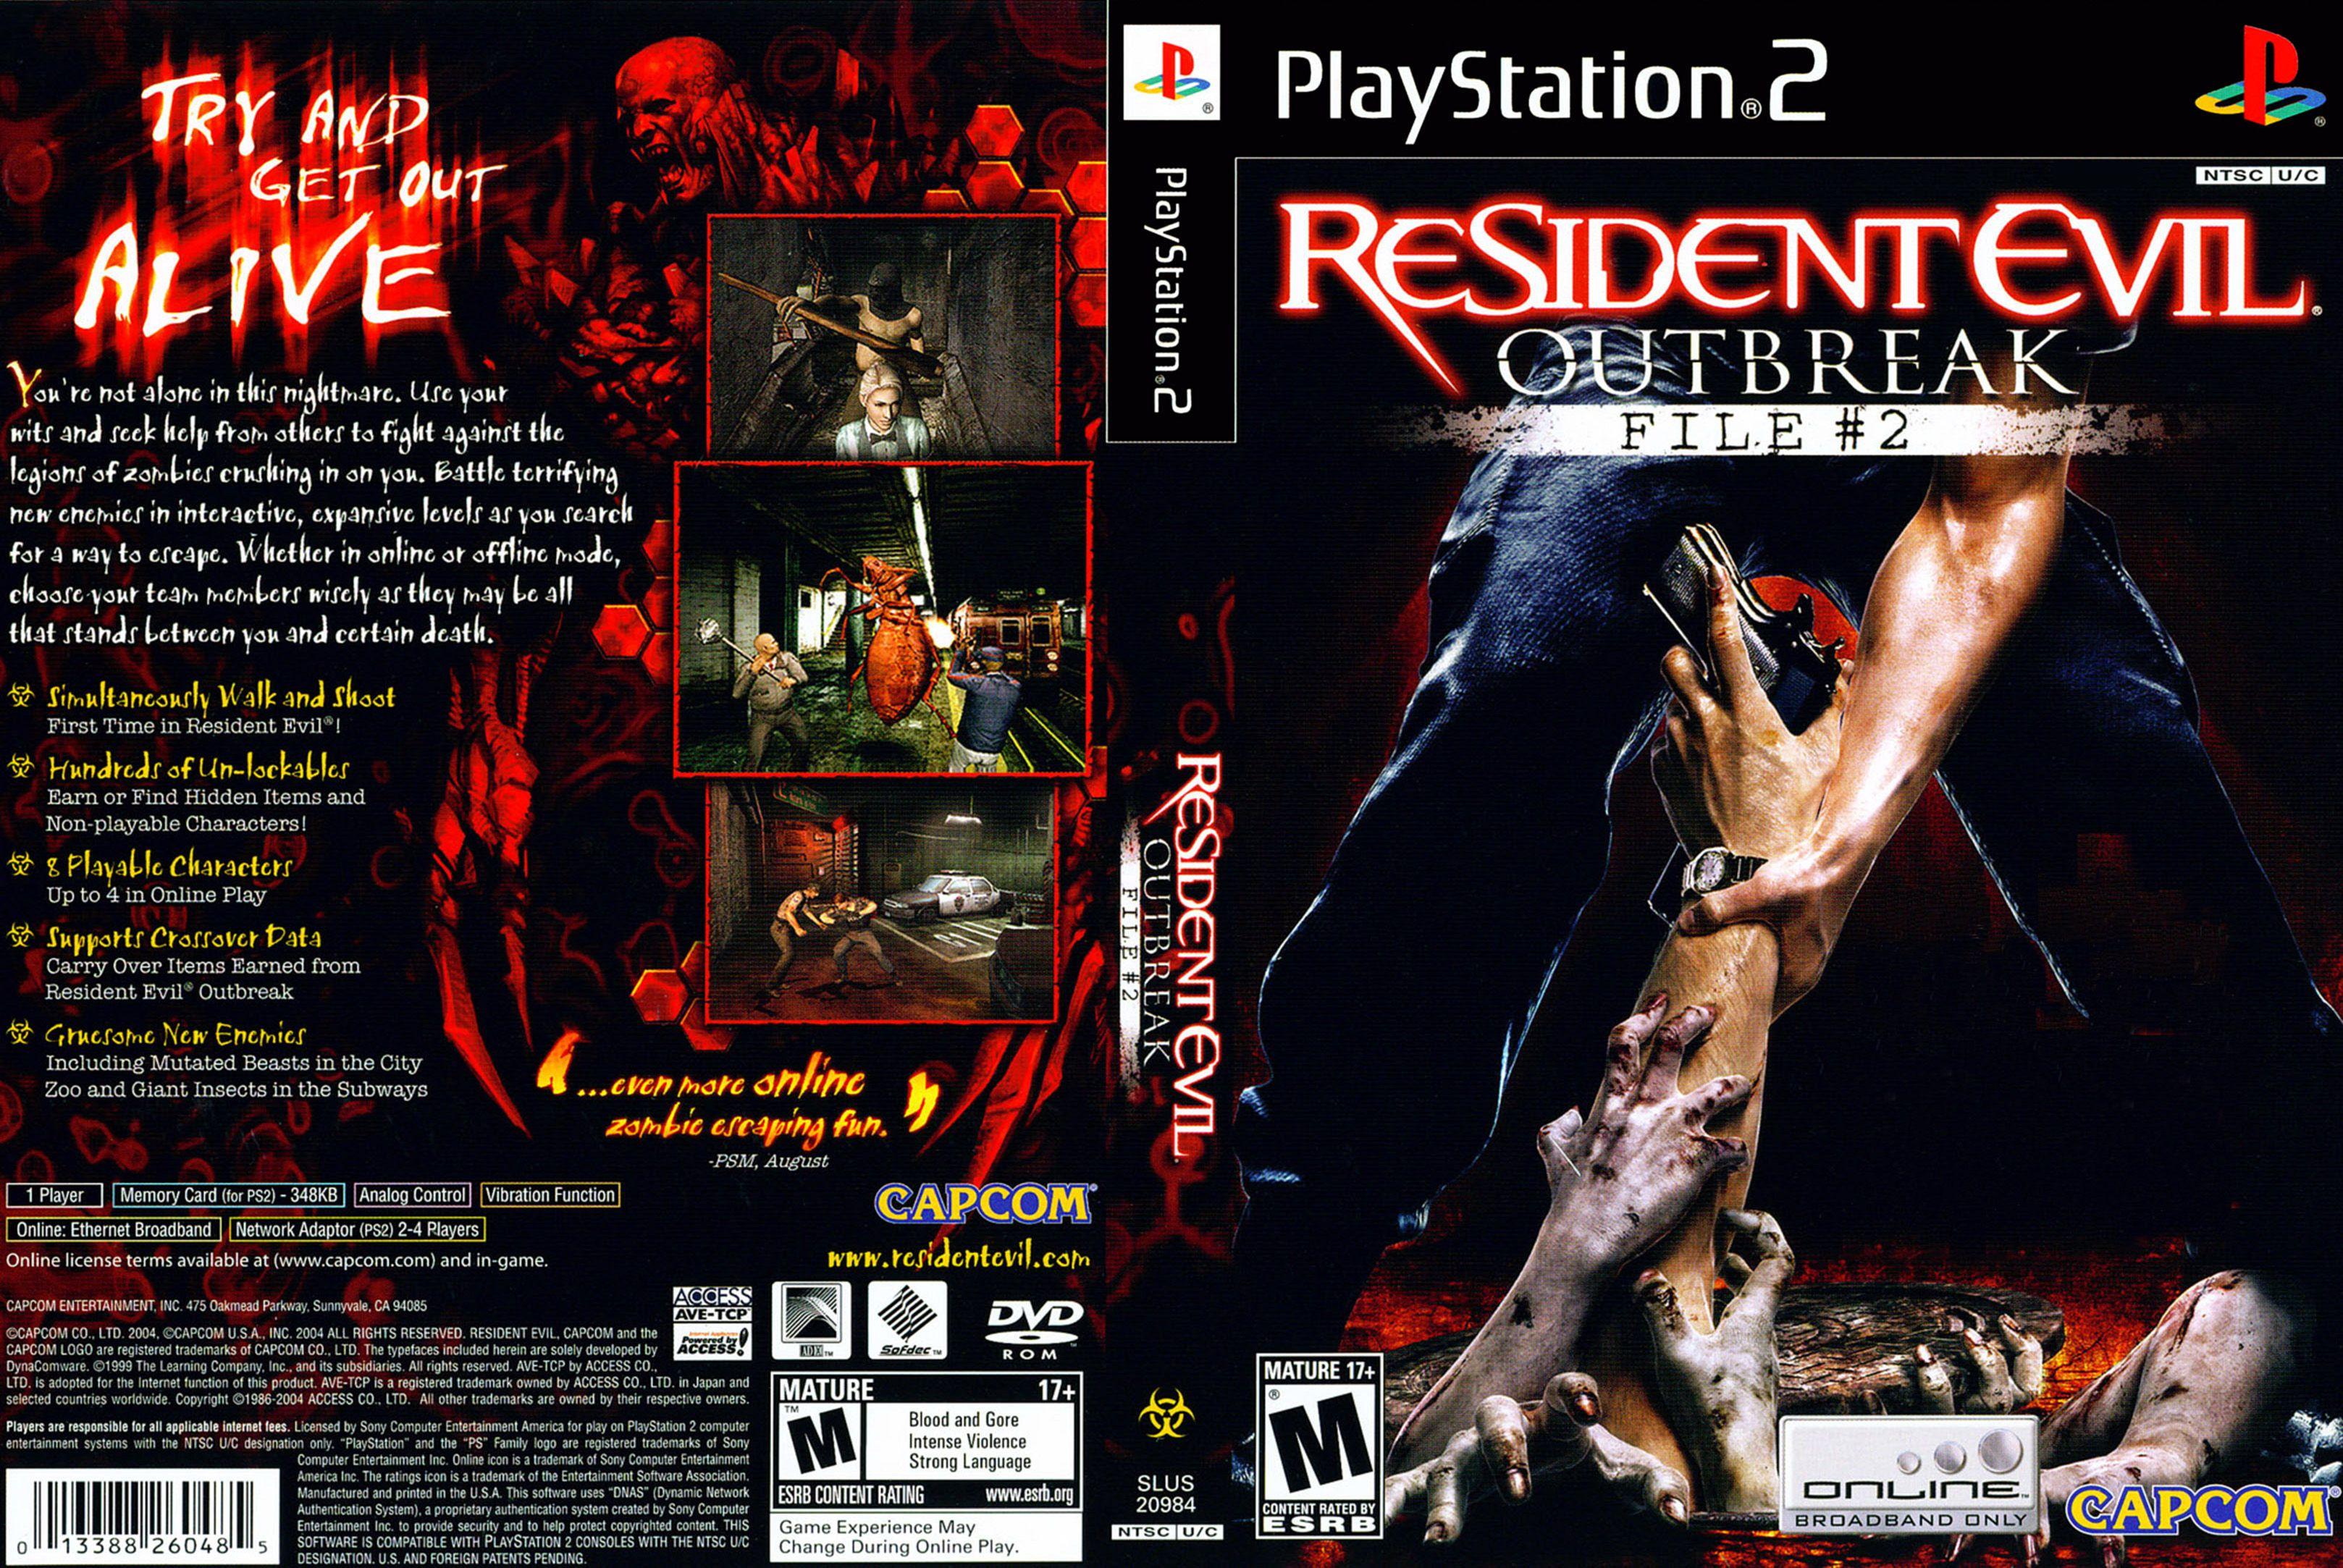 Resident Evil Outbreak File 2 Resident Evil Series Developer